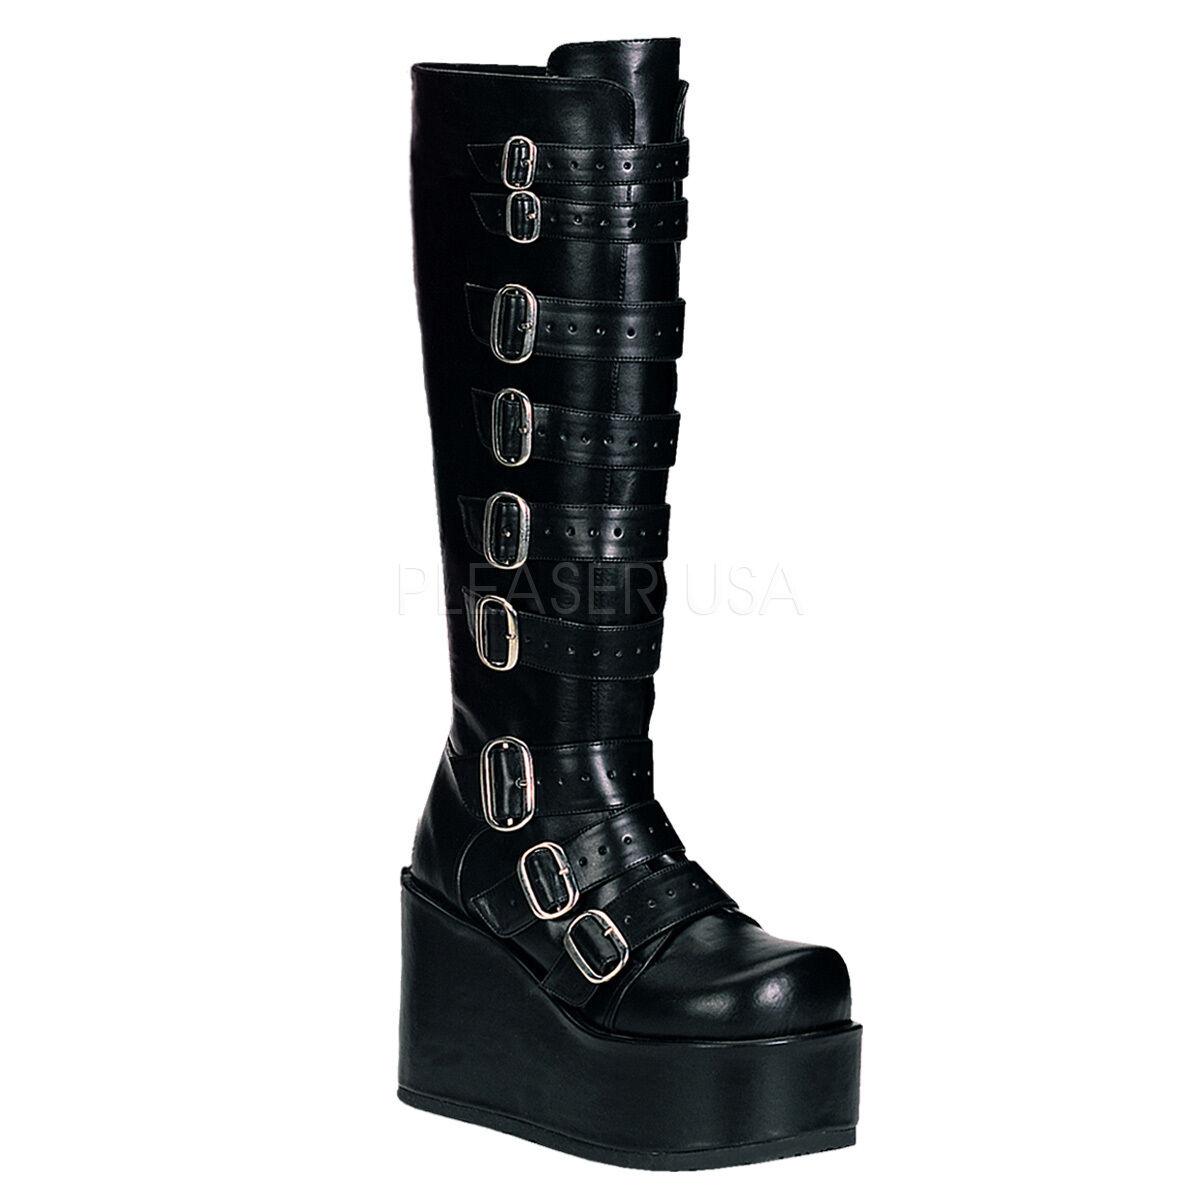 risparmiare fino all'80% Demonia Concord - 108 4 1 4 4 4  Ladies avvio goth punk lolita Gogo fibbia P F BLK PU  shopping online di moda